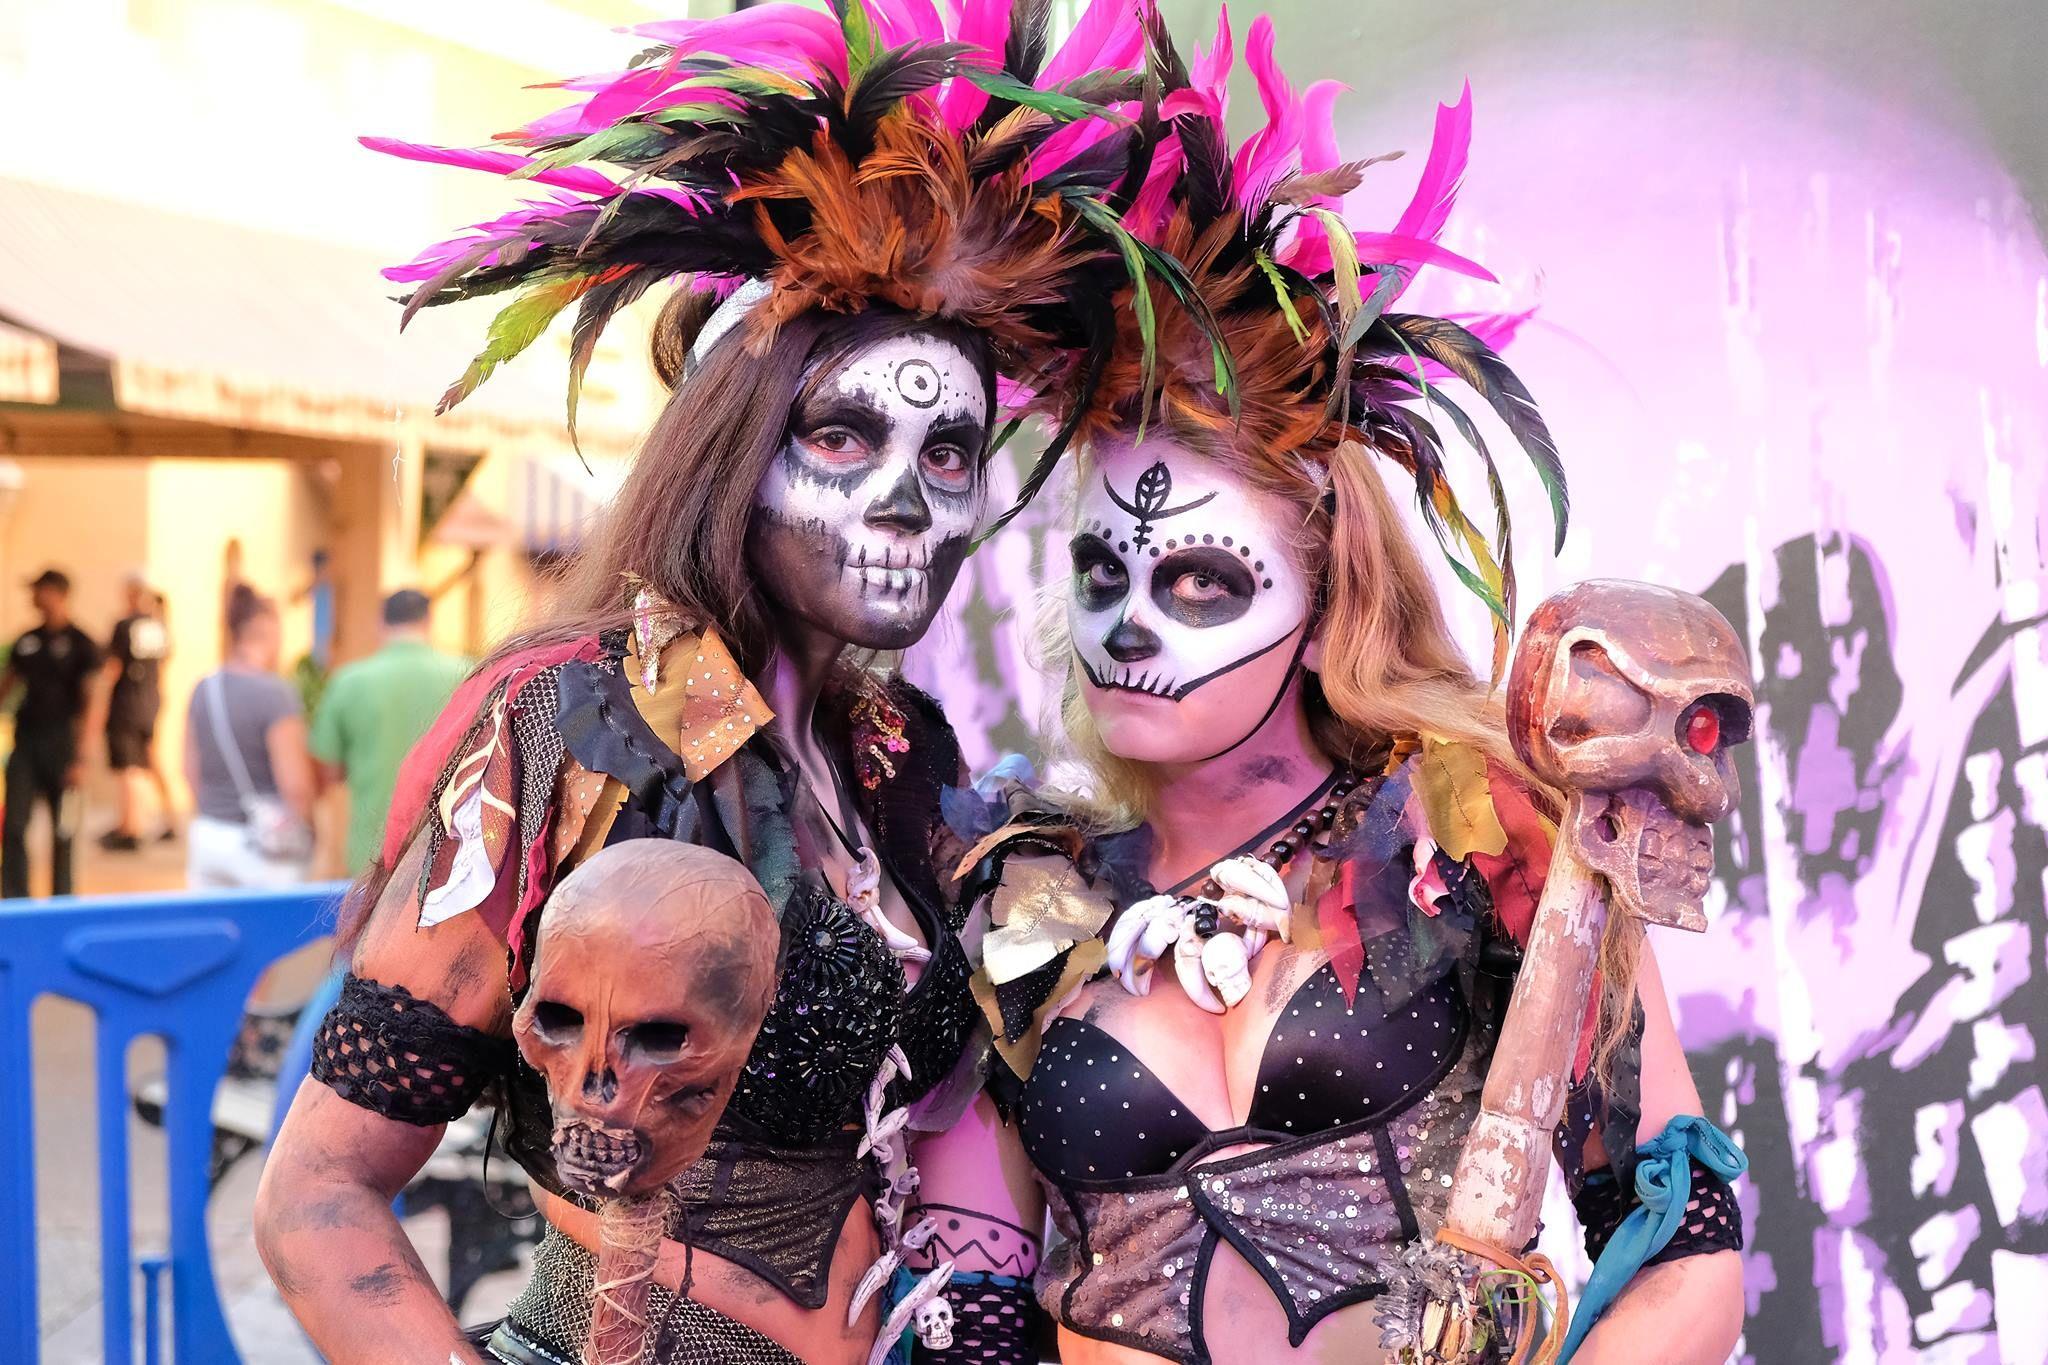 e6ecc2b4b11b1ef44b17a94bfeb9c48e - Howl O Scream Busch Gardens Reviews